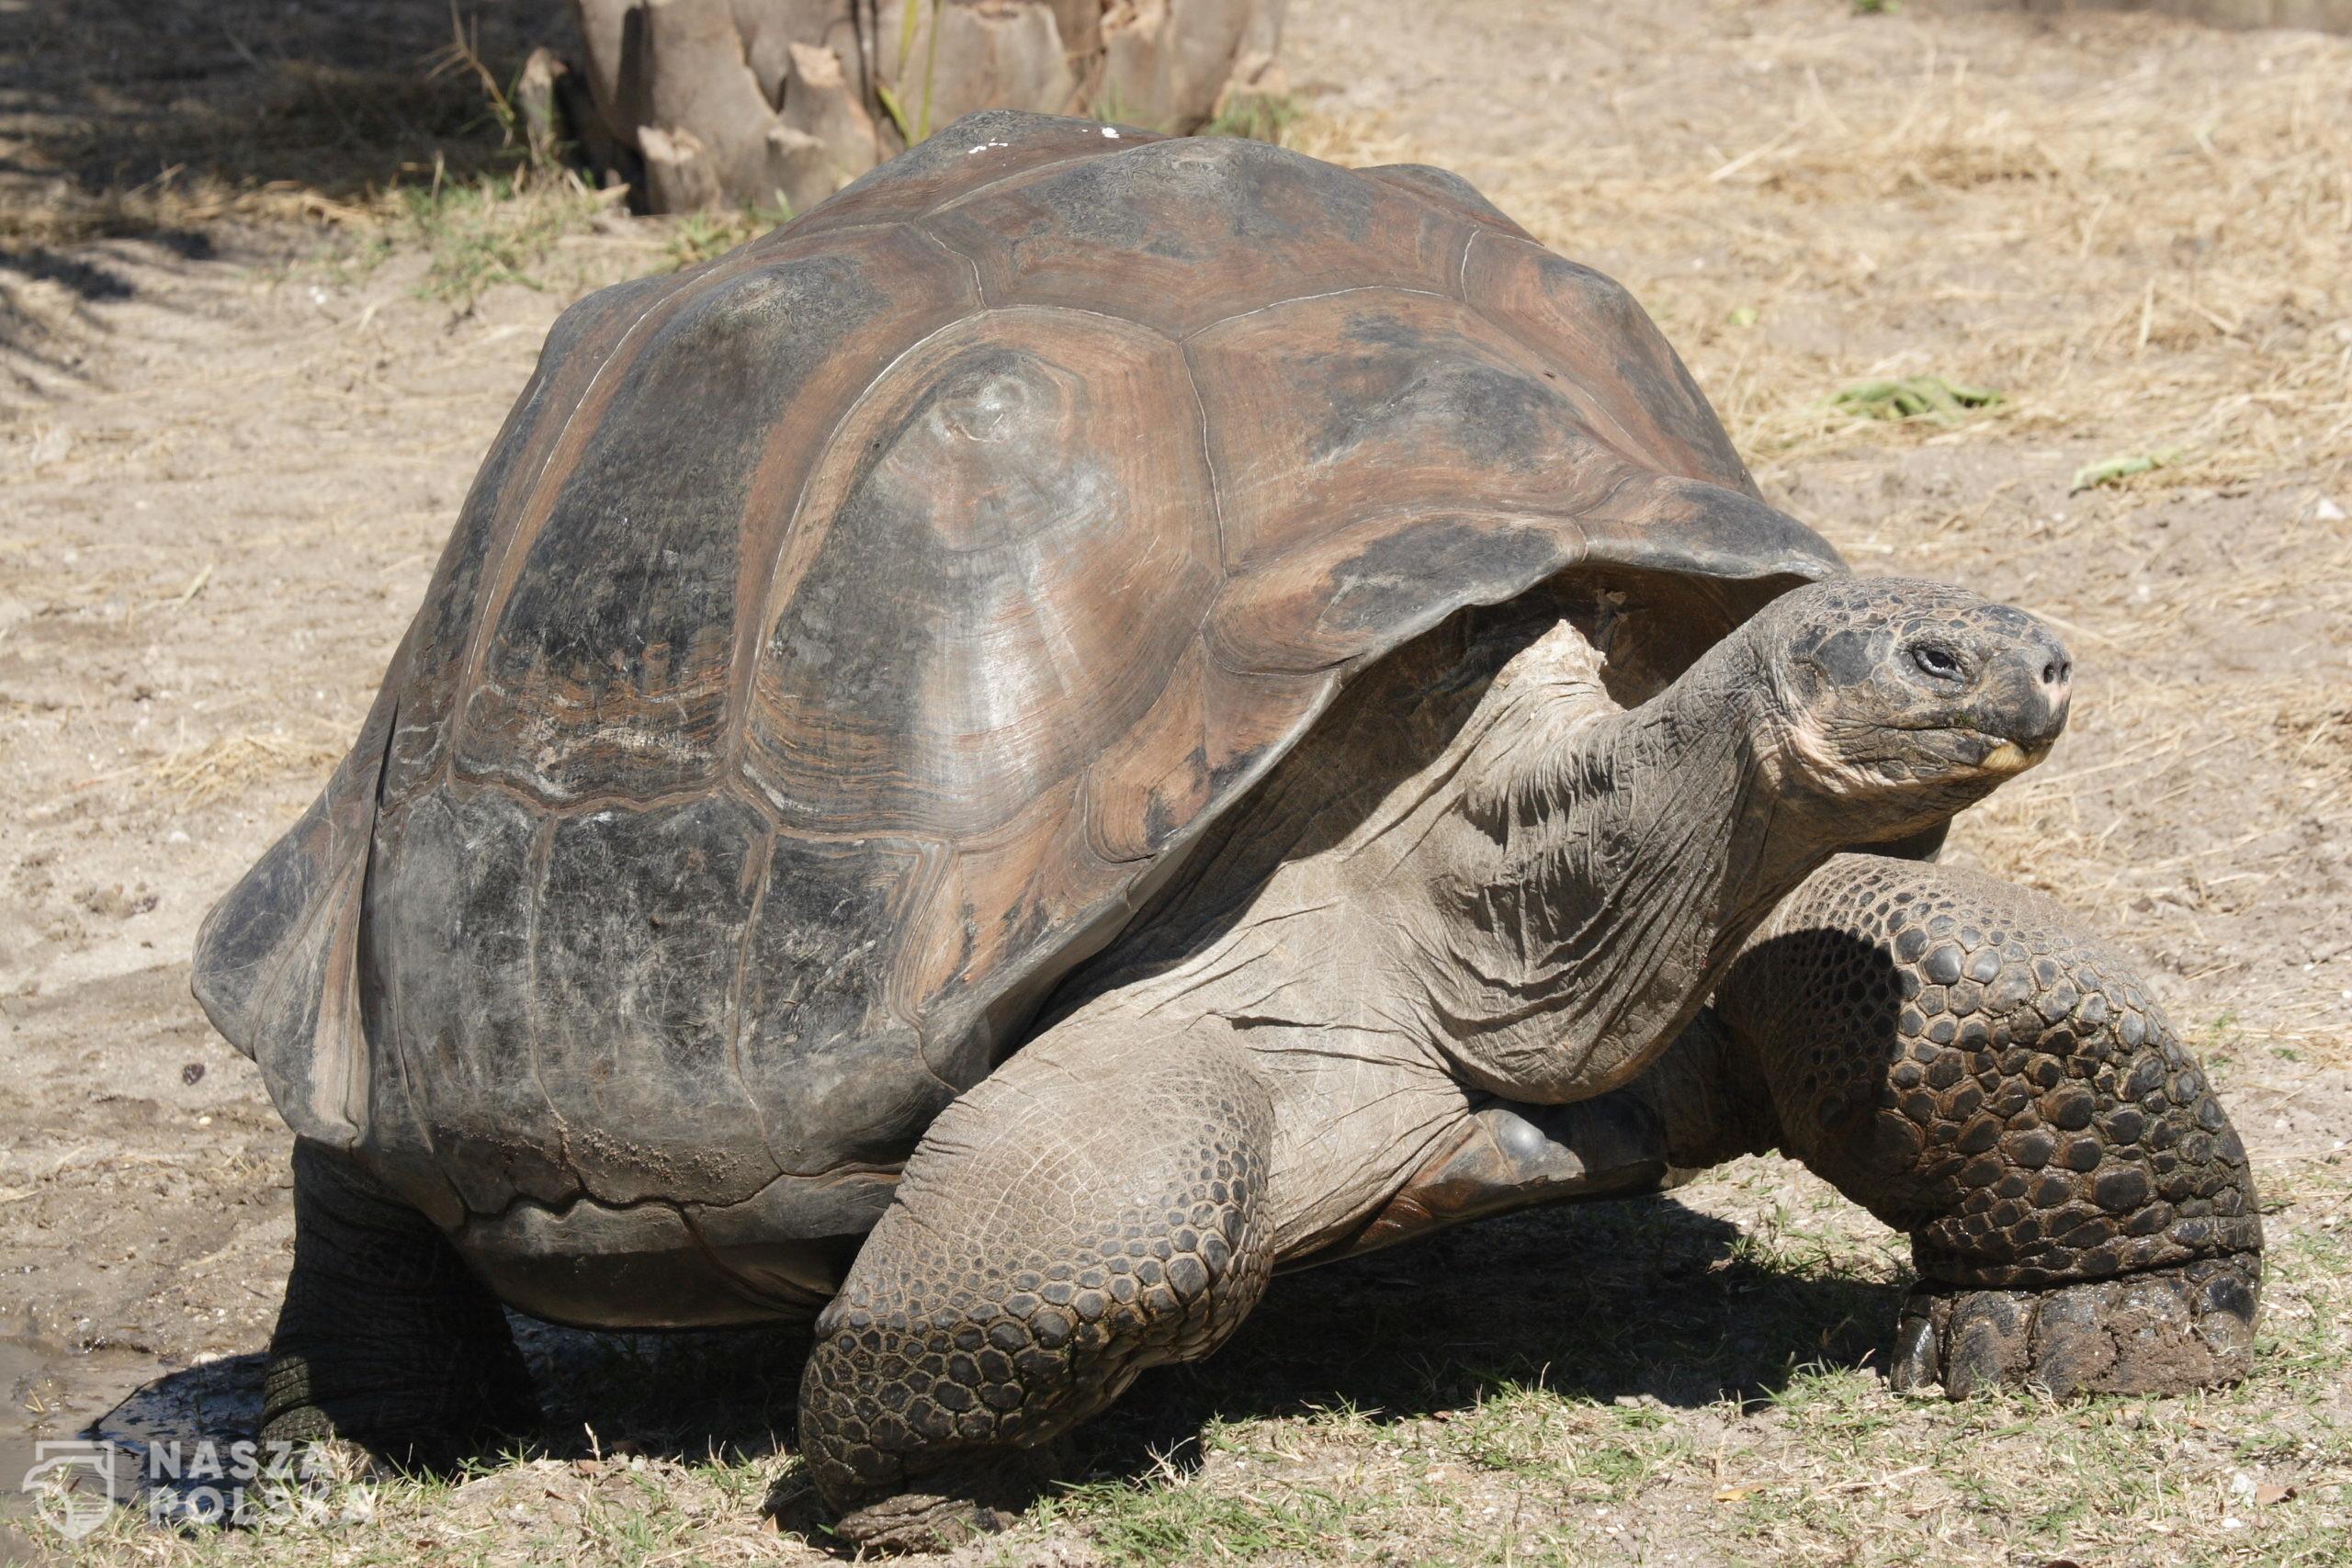 Galapagos_giant_tortoise_Geochelone_elephantopus